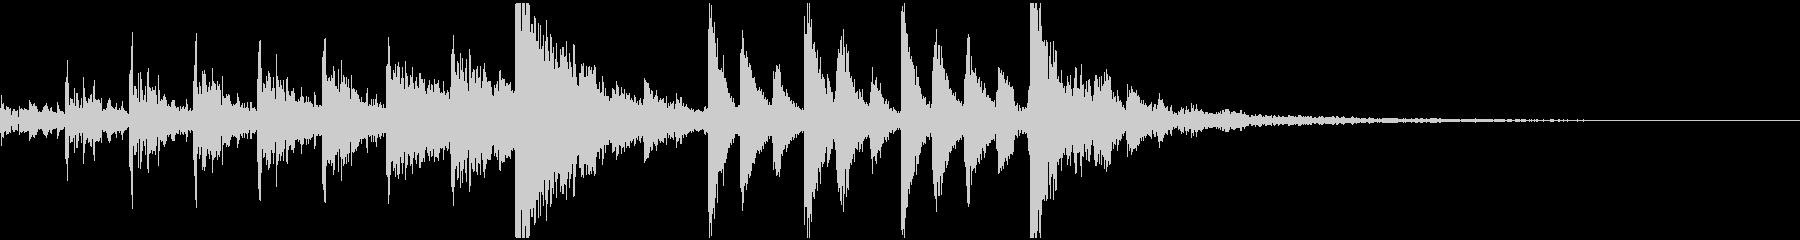 CM入りサウンドロゴ向けテクノ風ジングルの未再生の波形